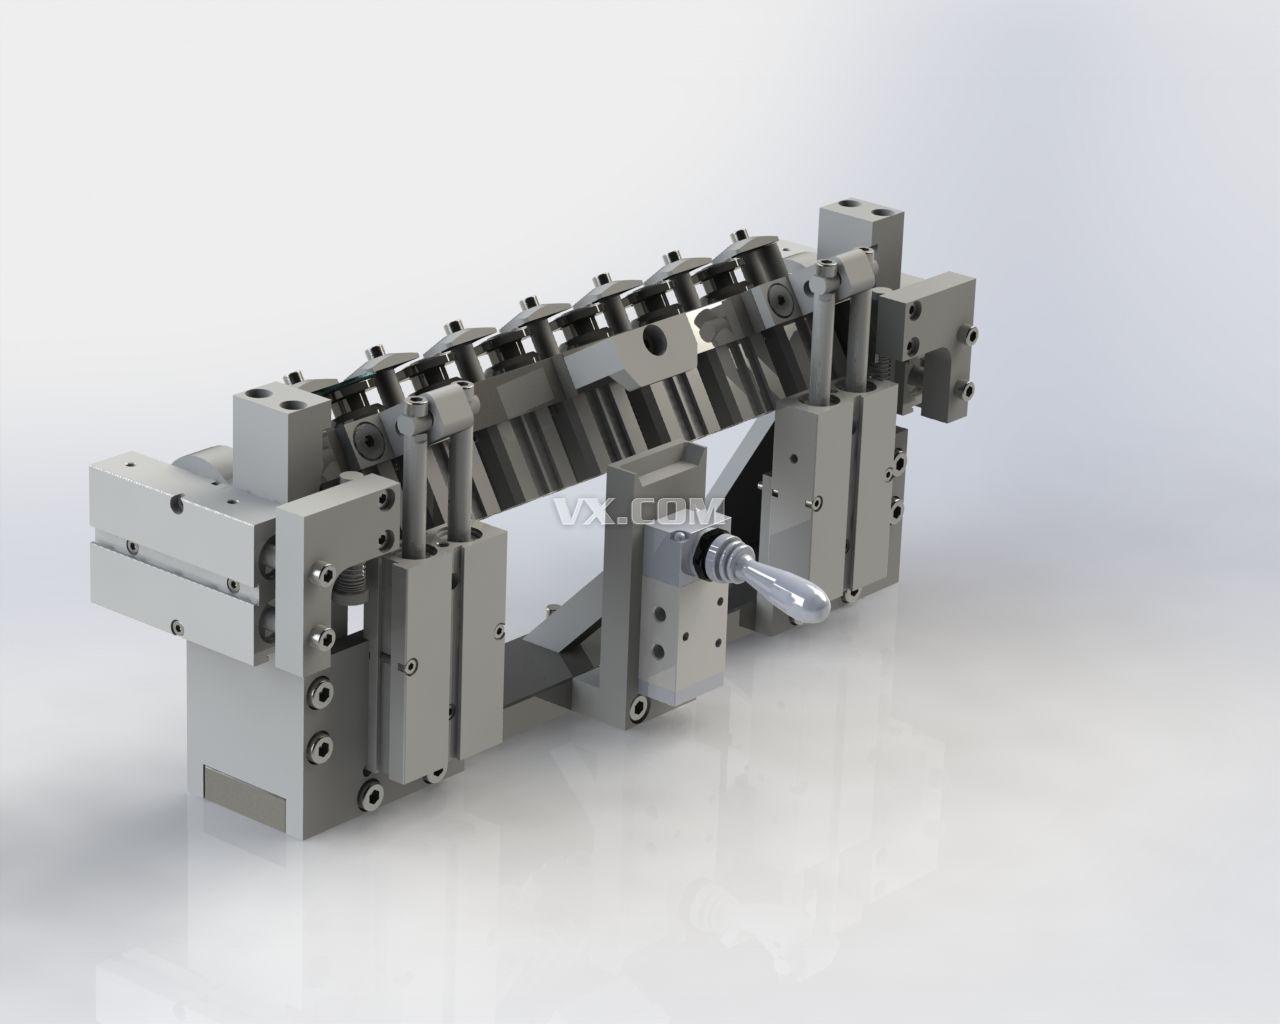 加工中心转角度夹具_solidworks_机械设备_3d模型